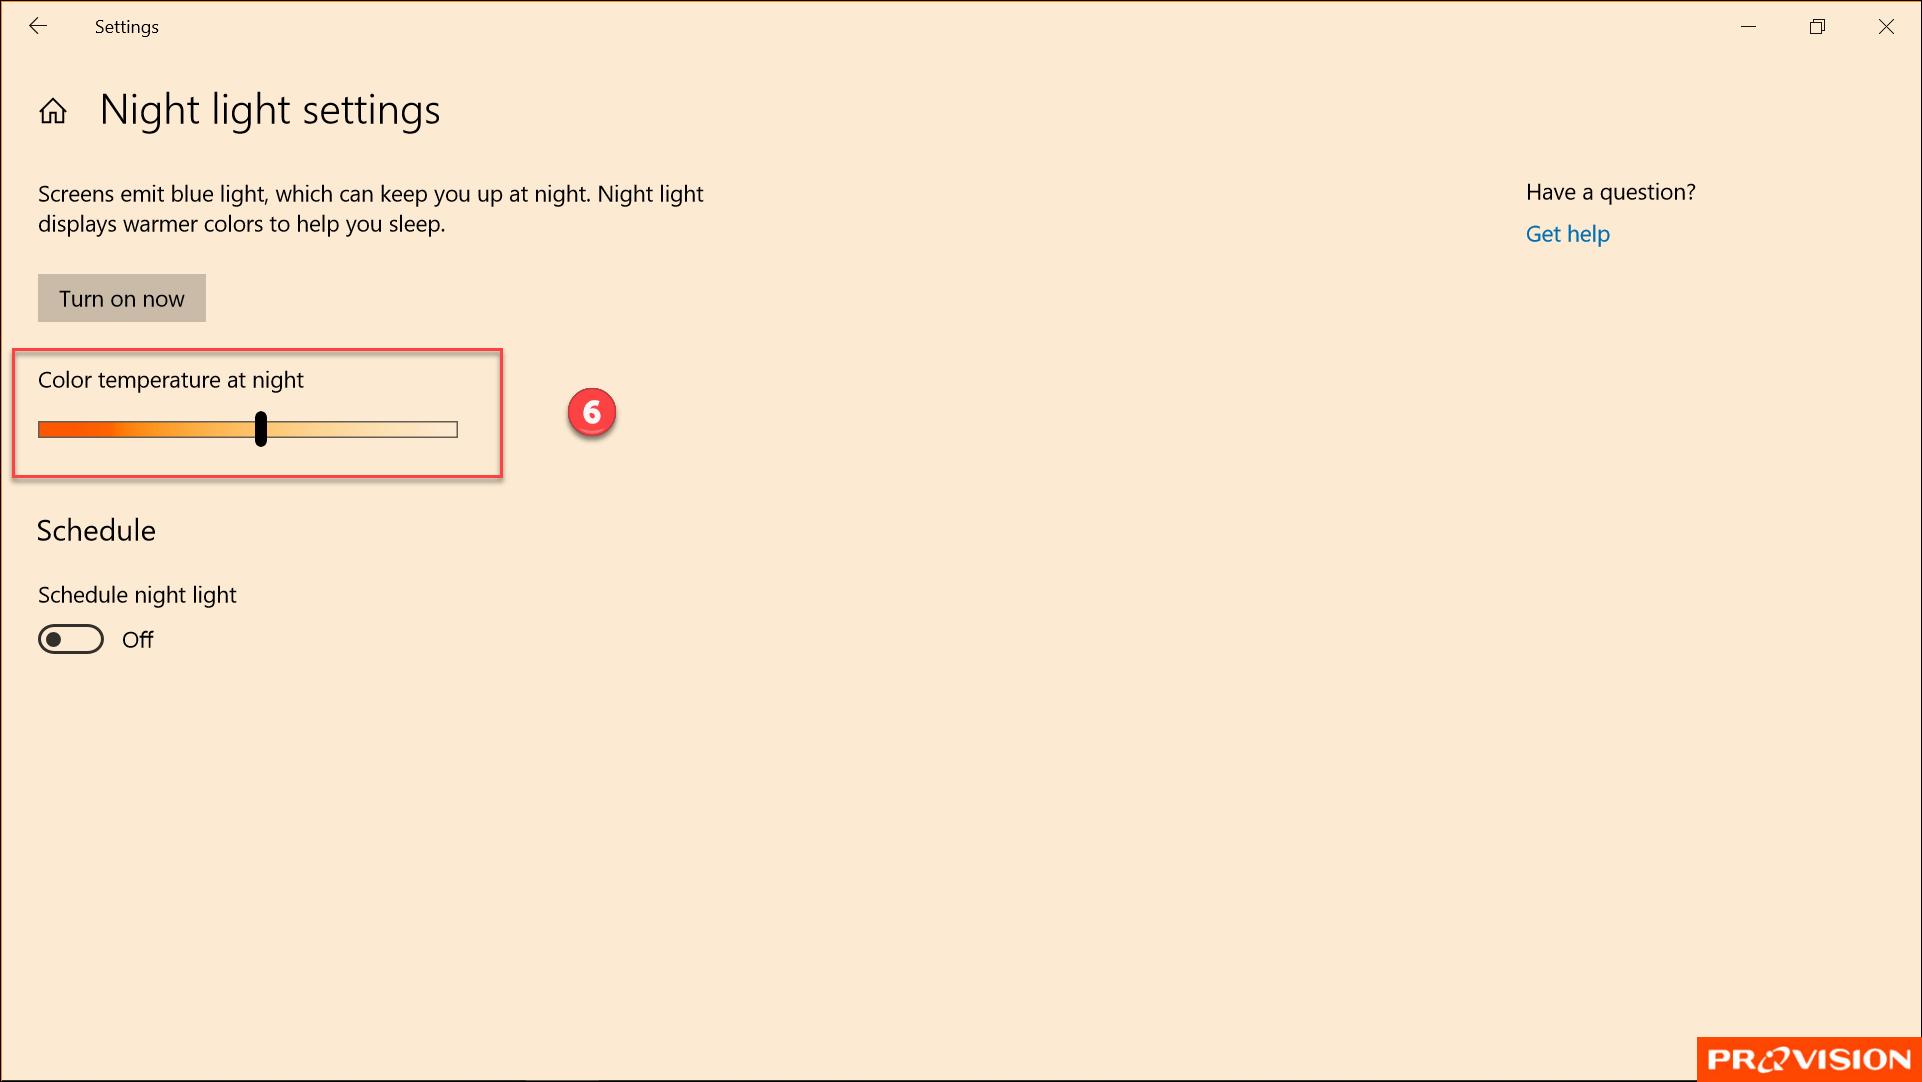 เปิดโหมด Night Light ช่วยถนอมสายตาเวลาใช้คอมฯ ตอนกลางคืน